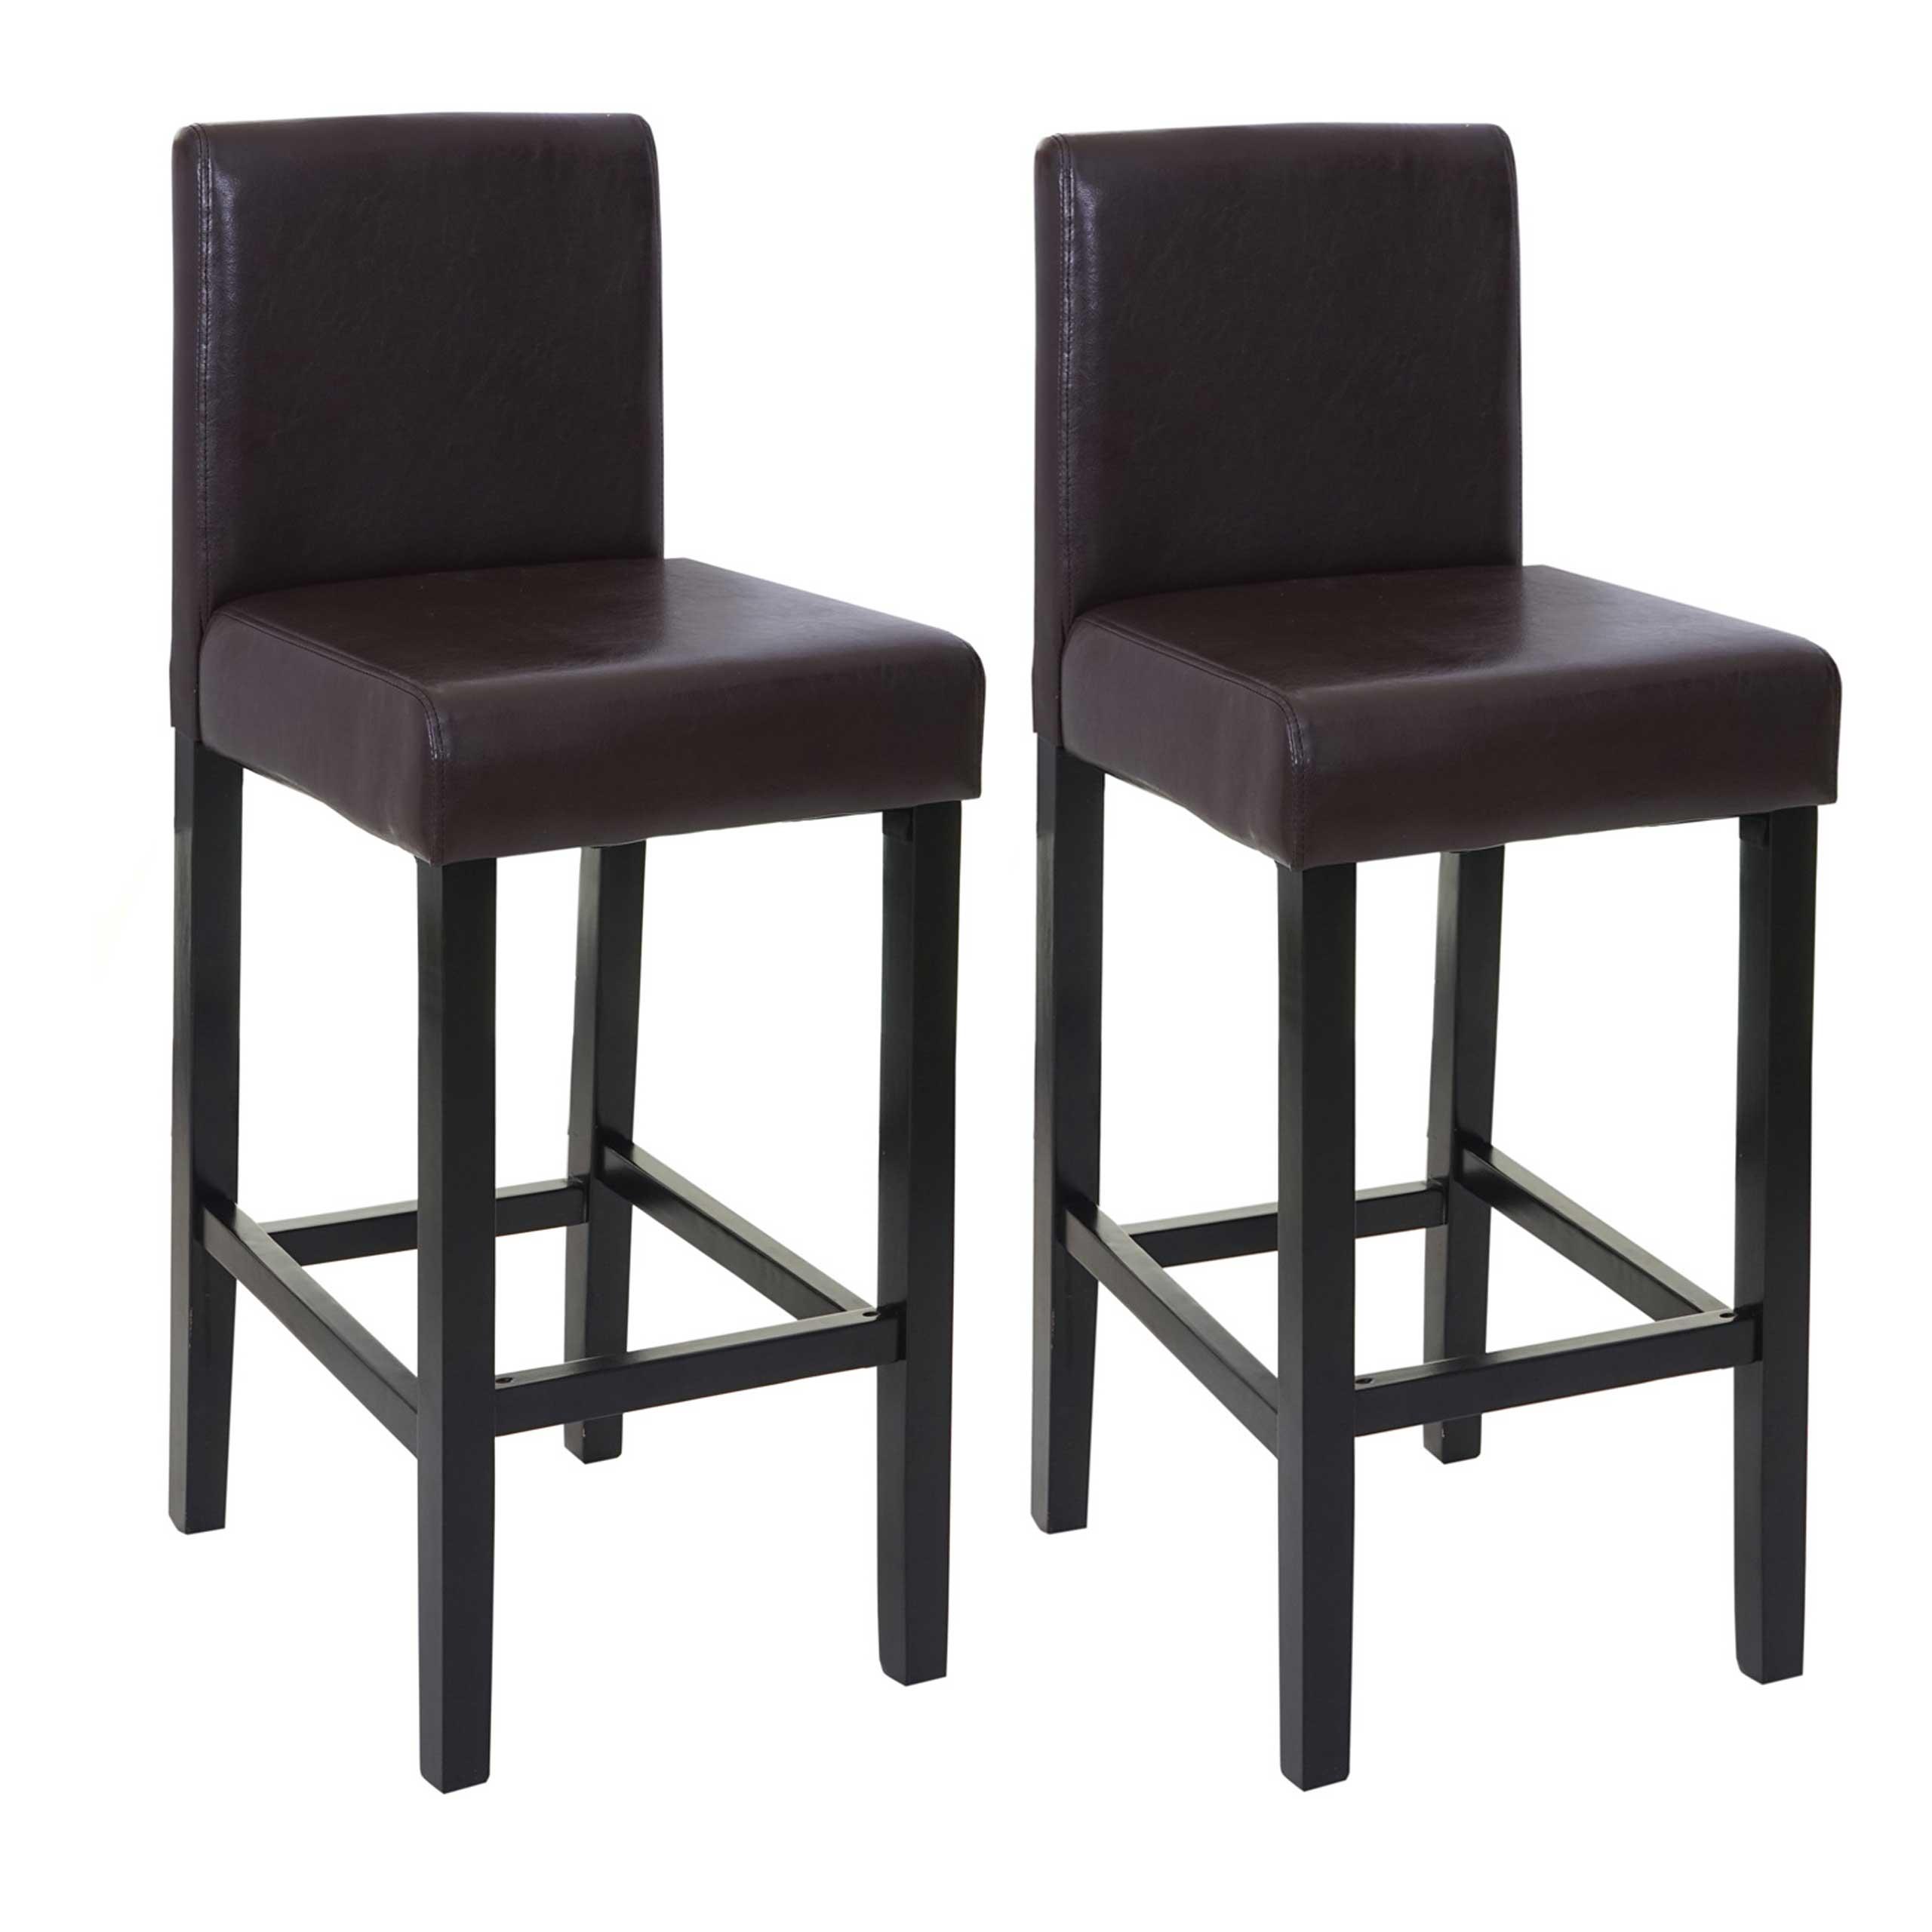 2x tresenhocker genk barstuhl barhocker kunstleder schwarz ebay. Black Bedroom Furniture Sets. Home Design Ideas